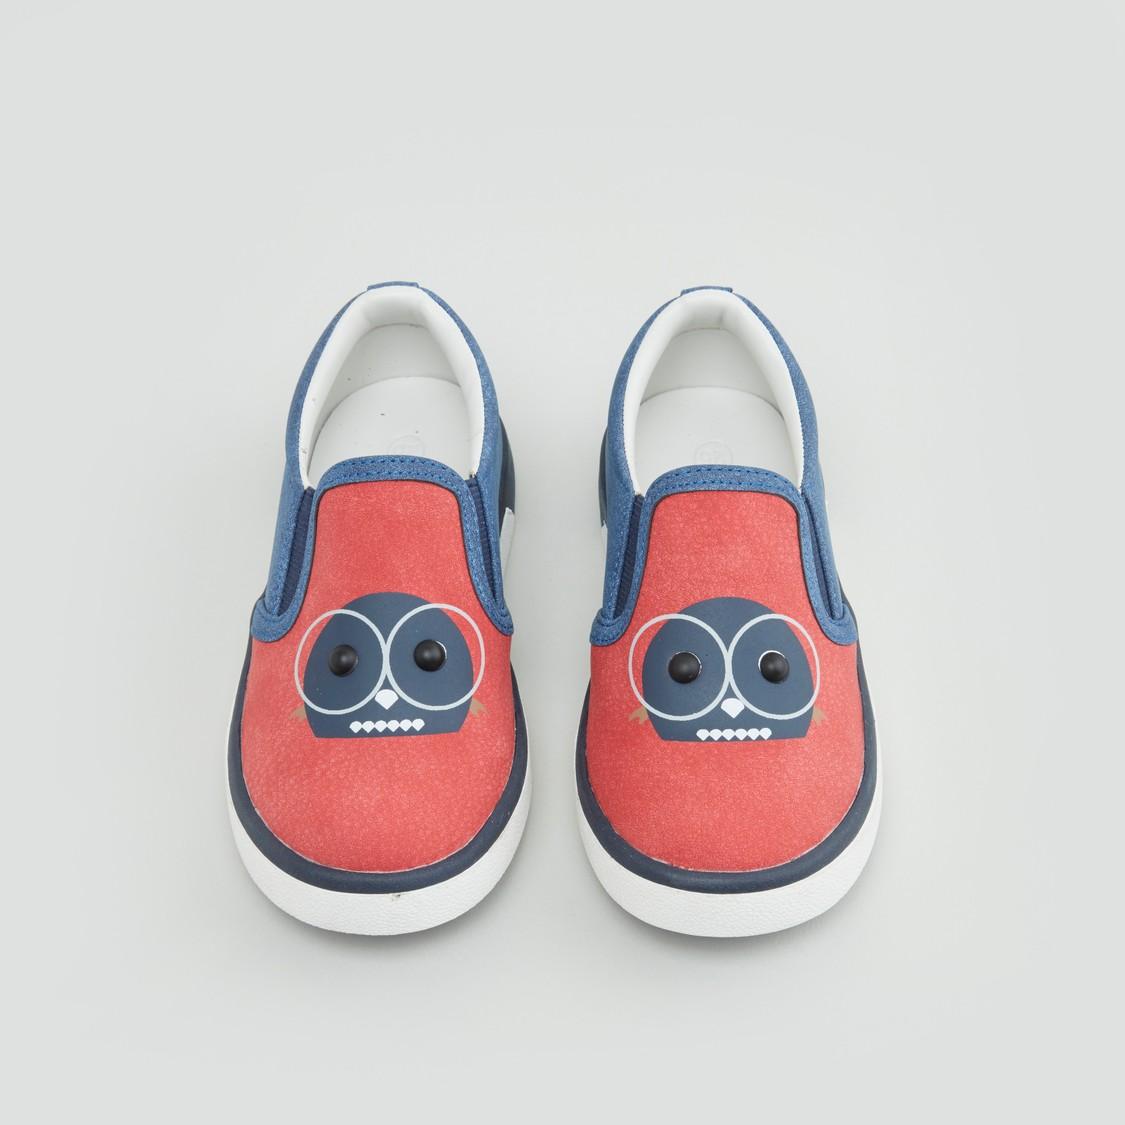 حذاء سهل الارتداء ببطبعات مع اطراف داعمة مطّاطيّة